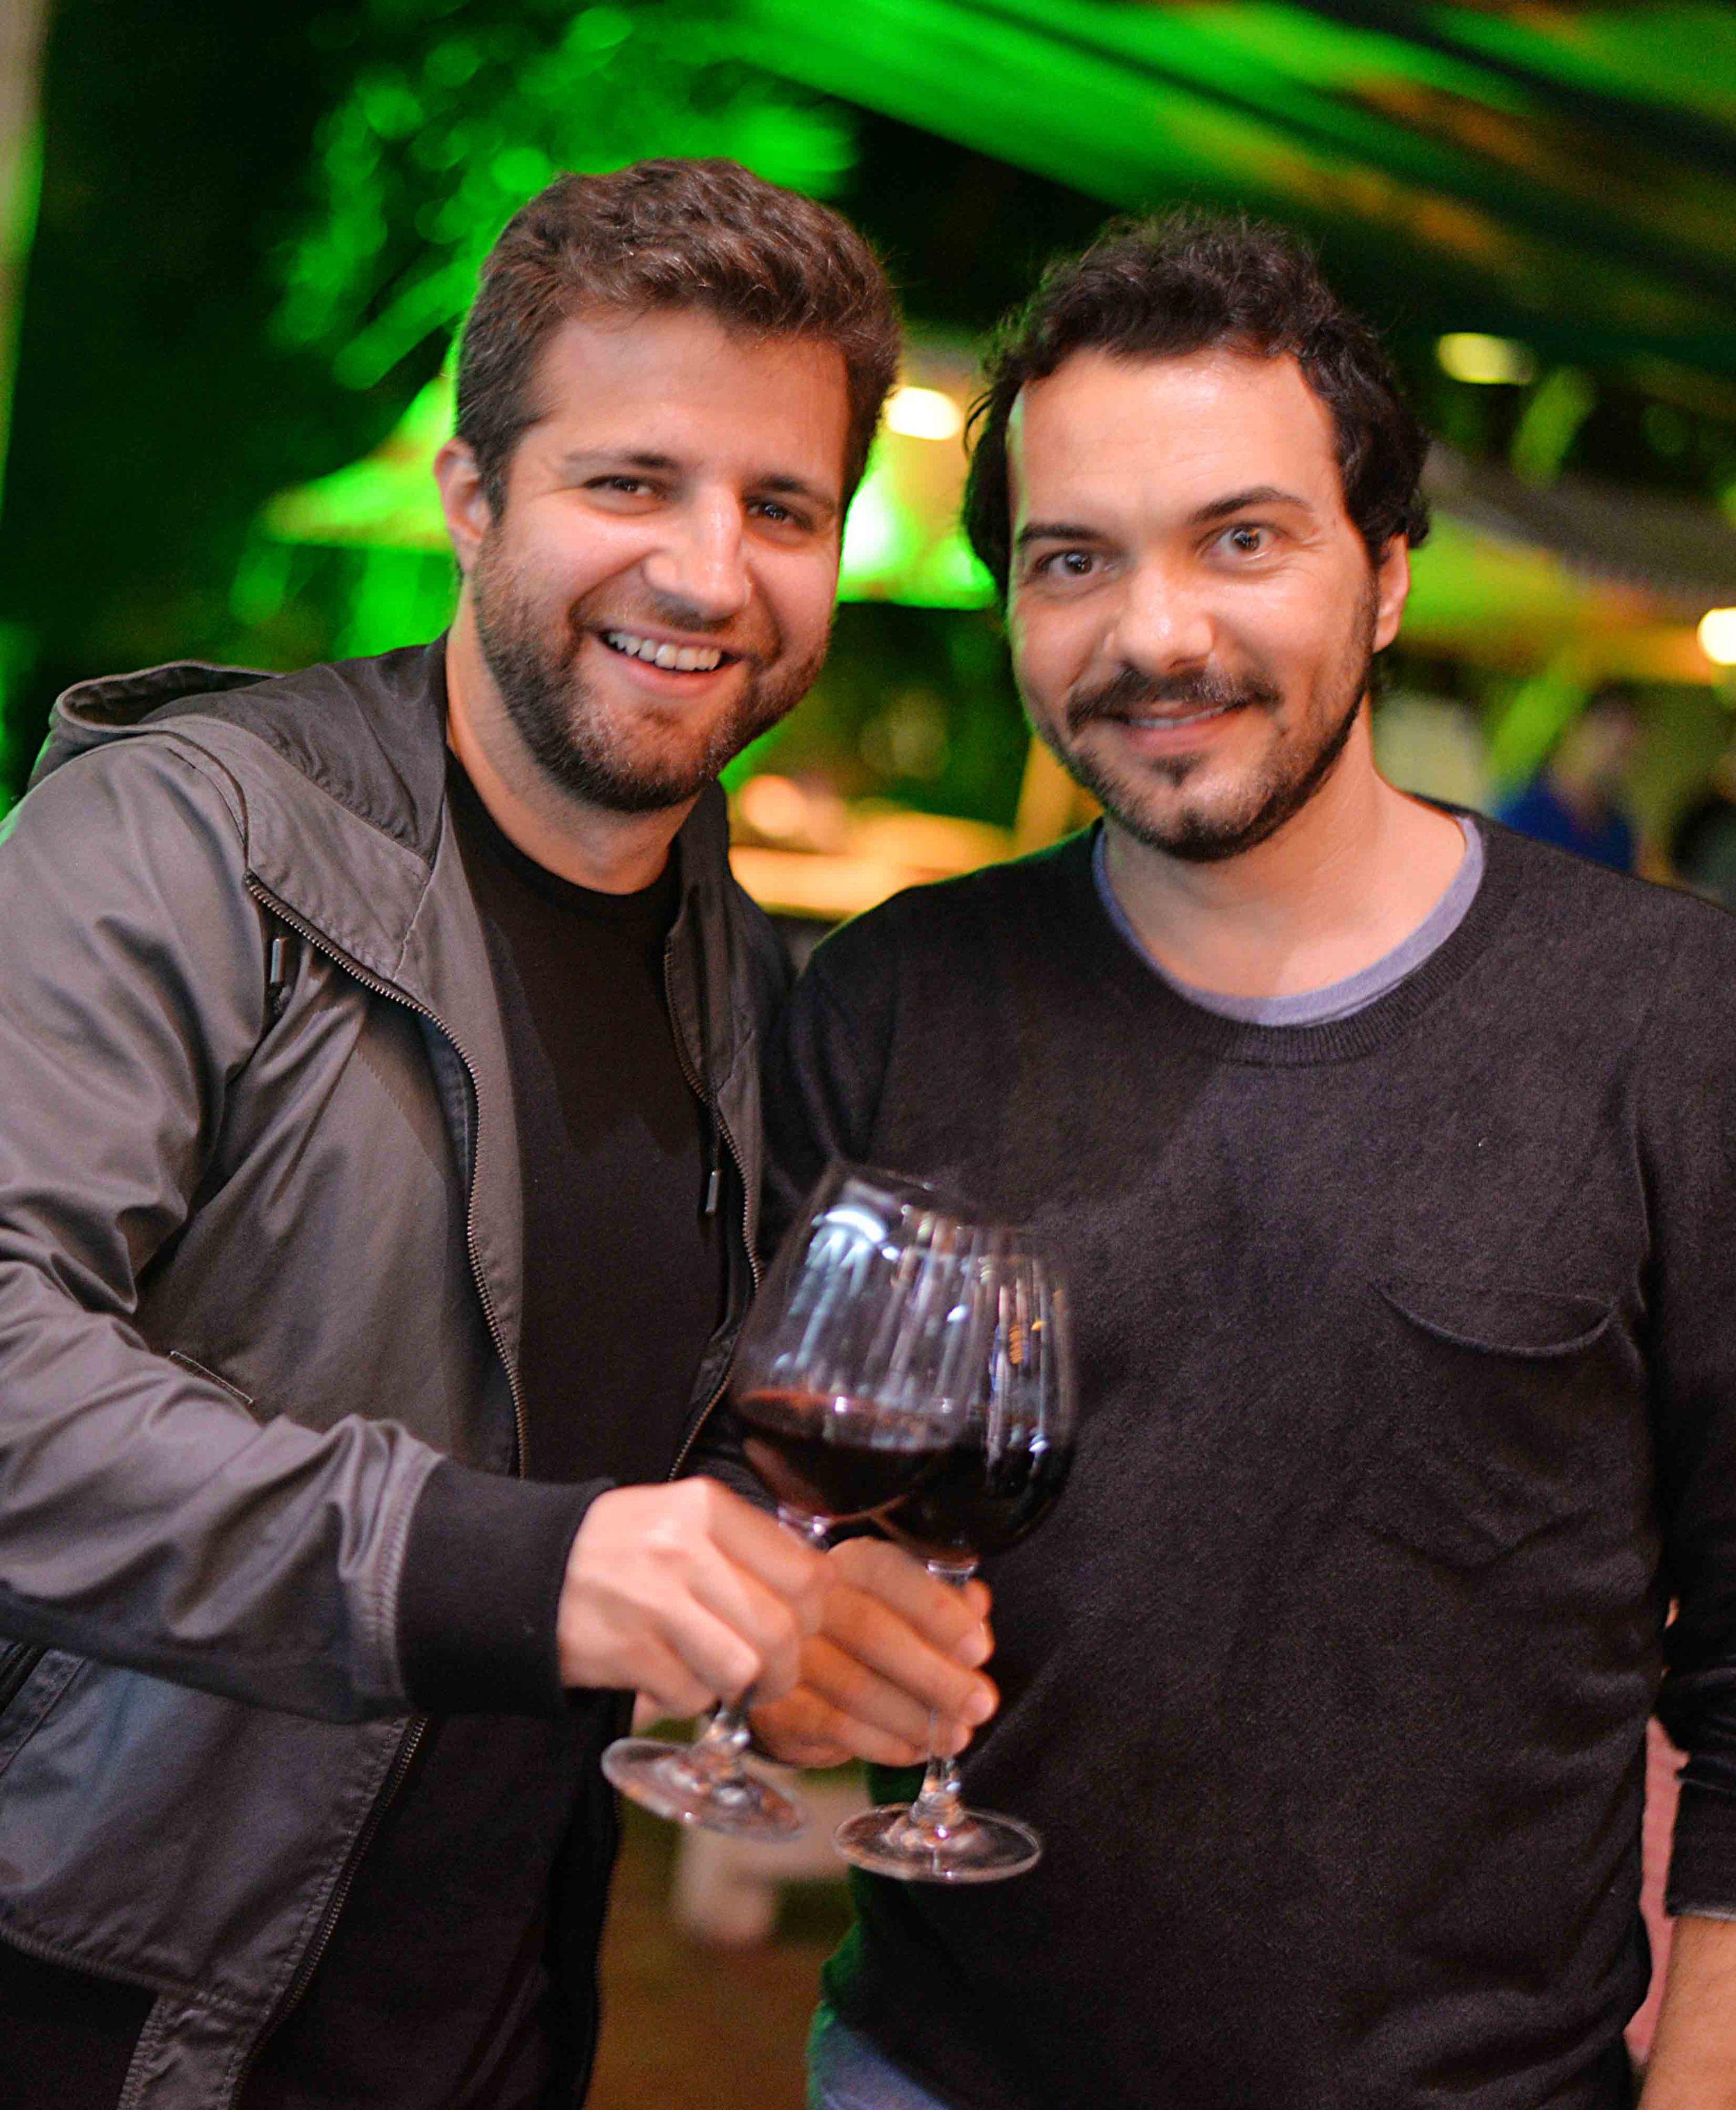 Andre Barros e Leo Paes Leme.jpg